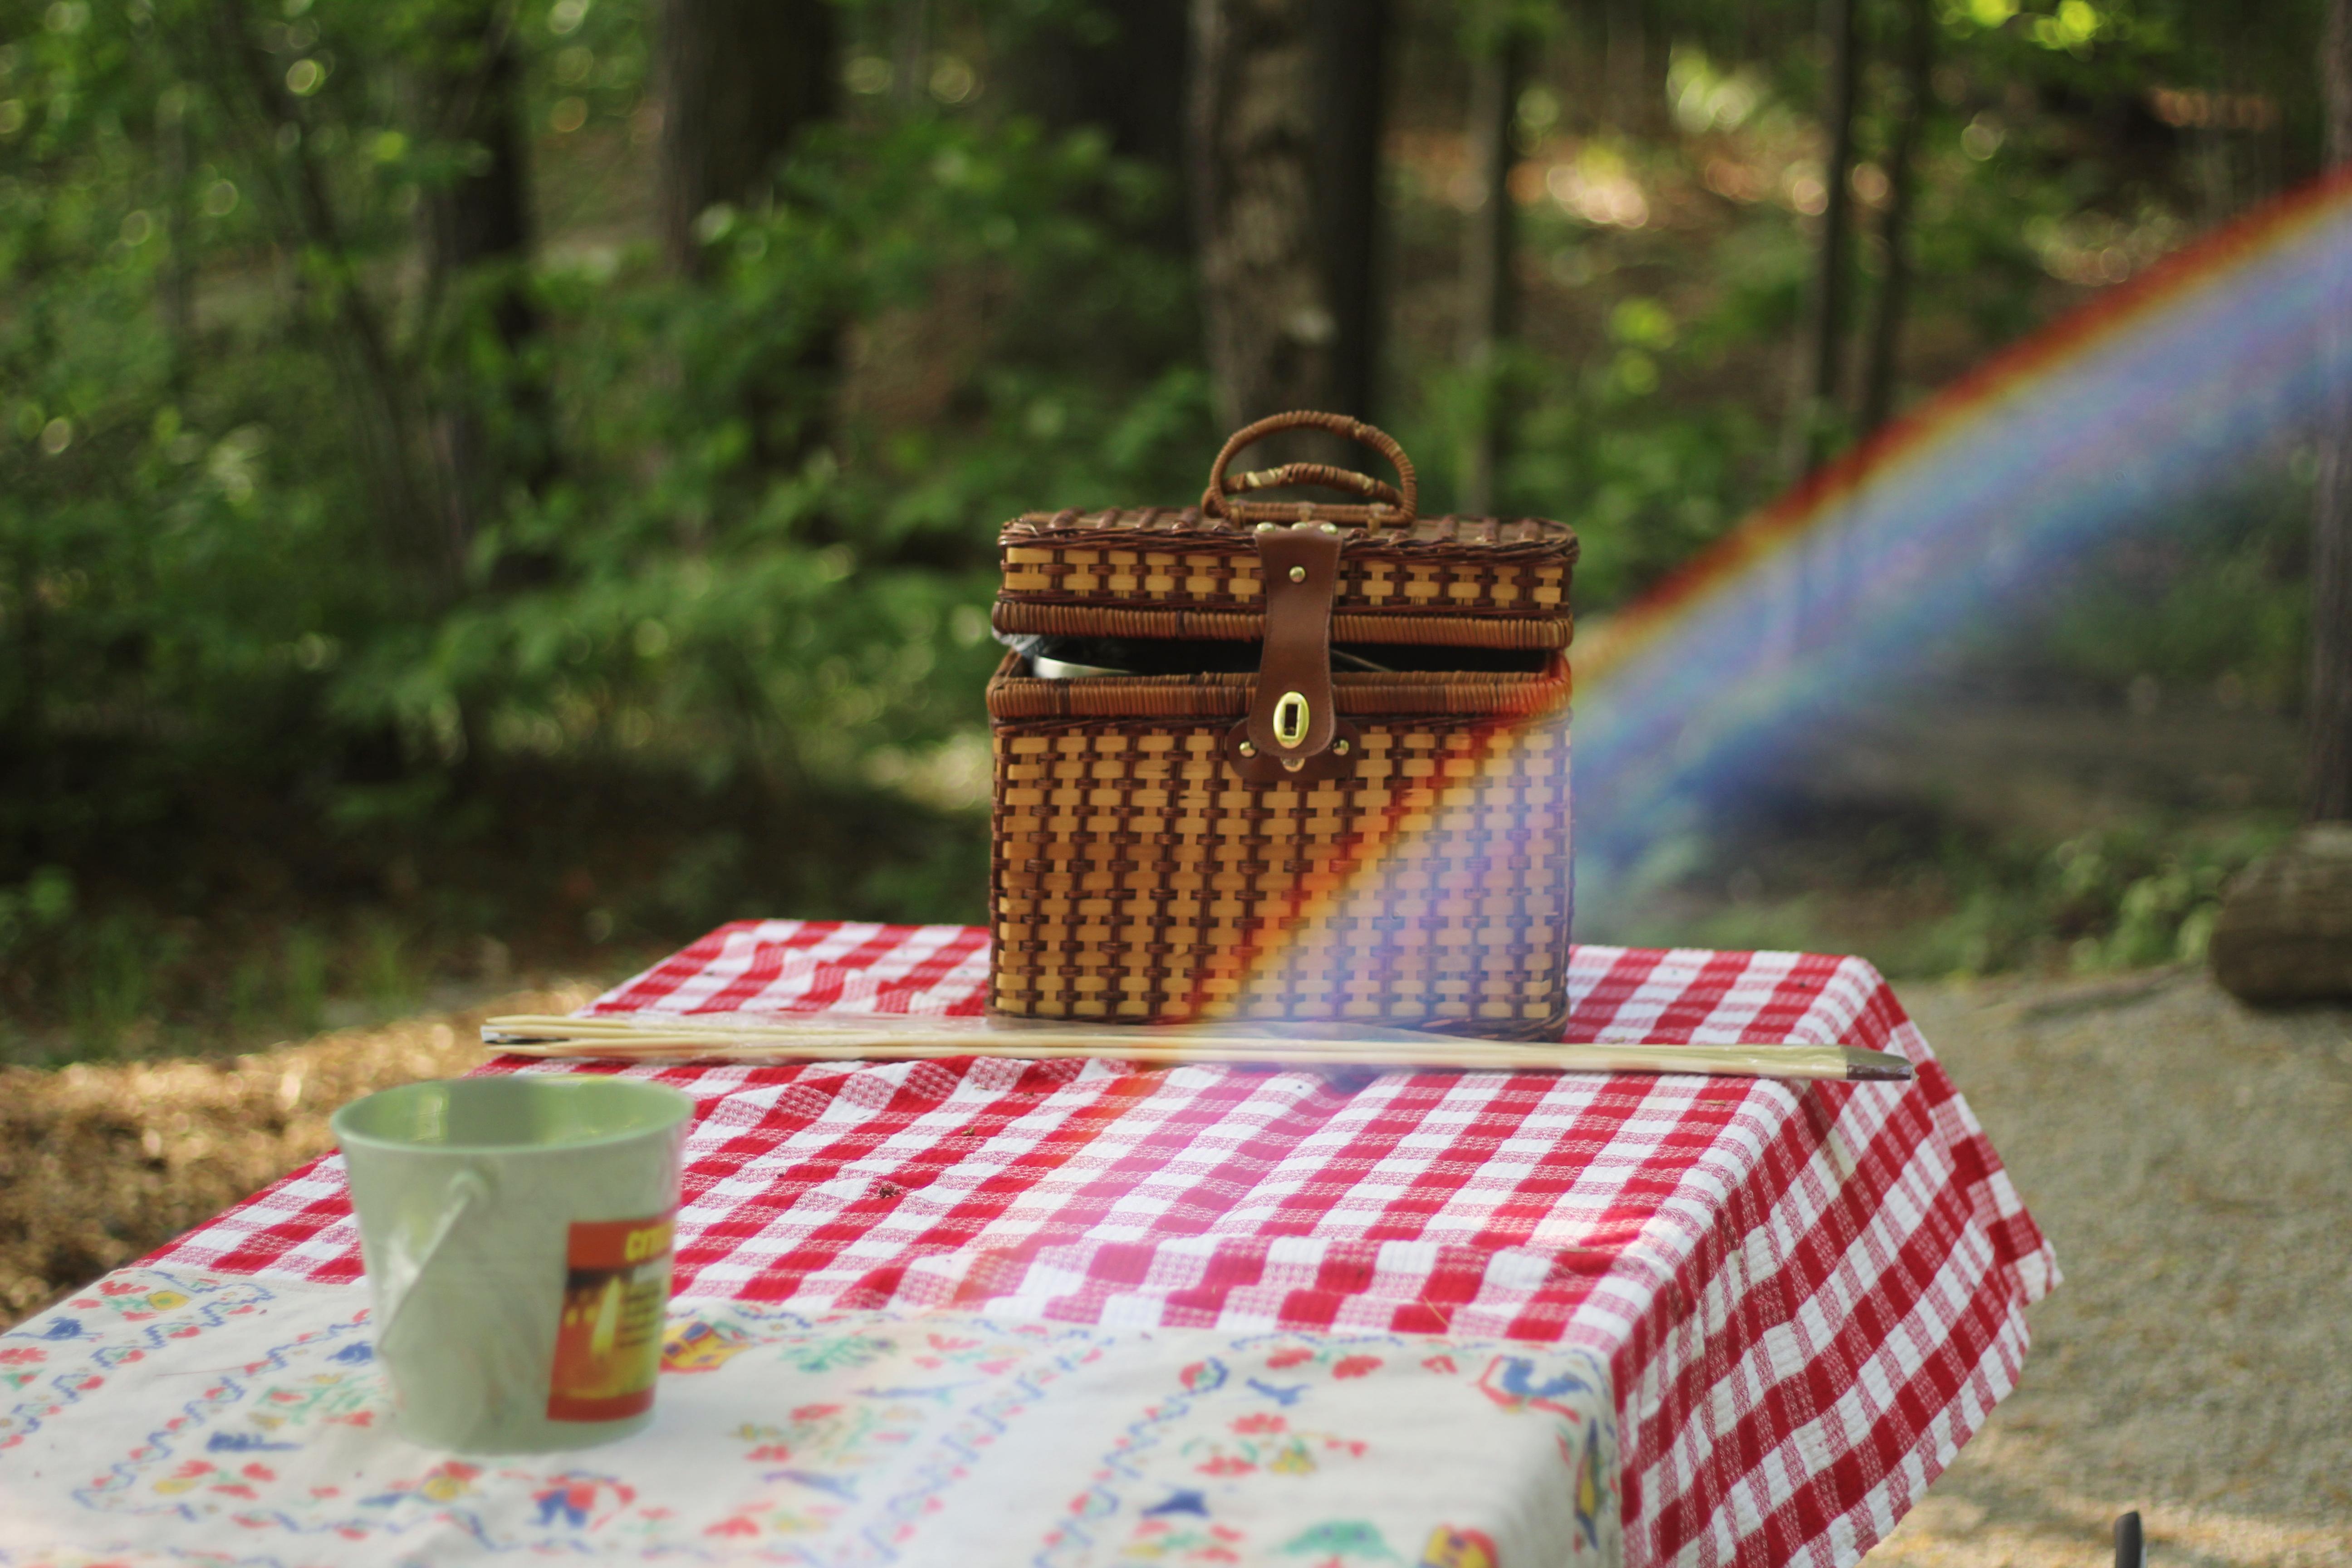 6 breath-taking spots to take a picnic